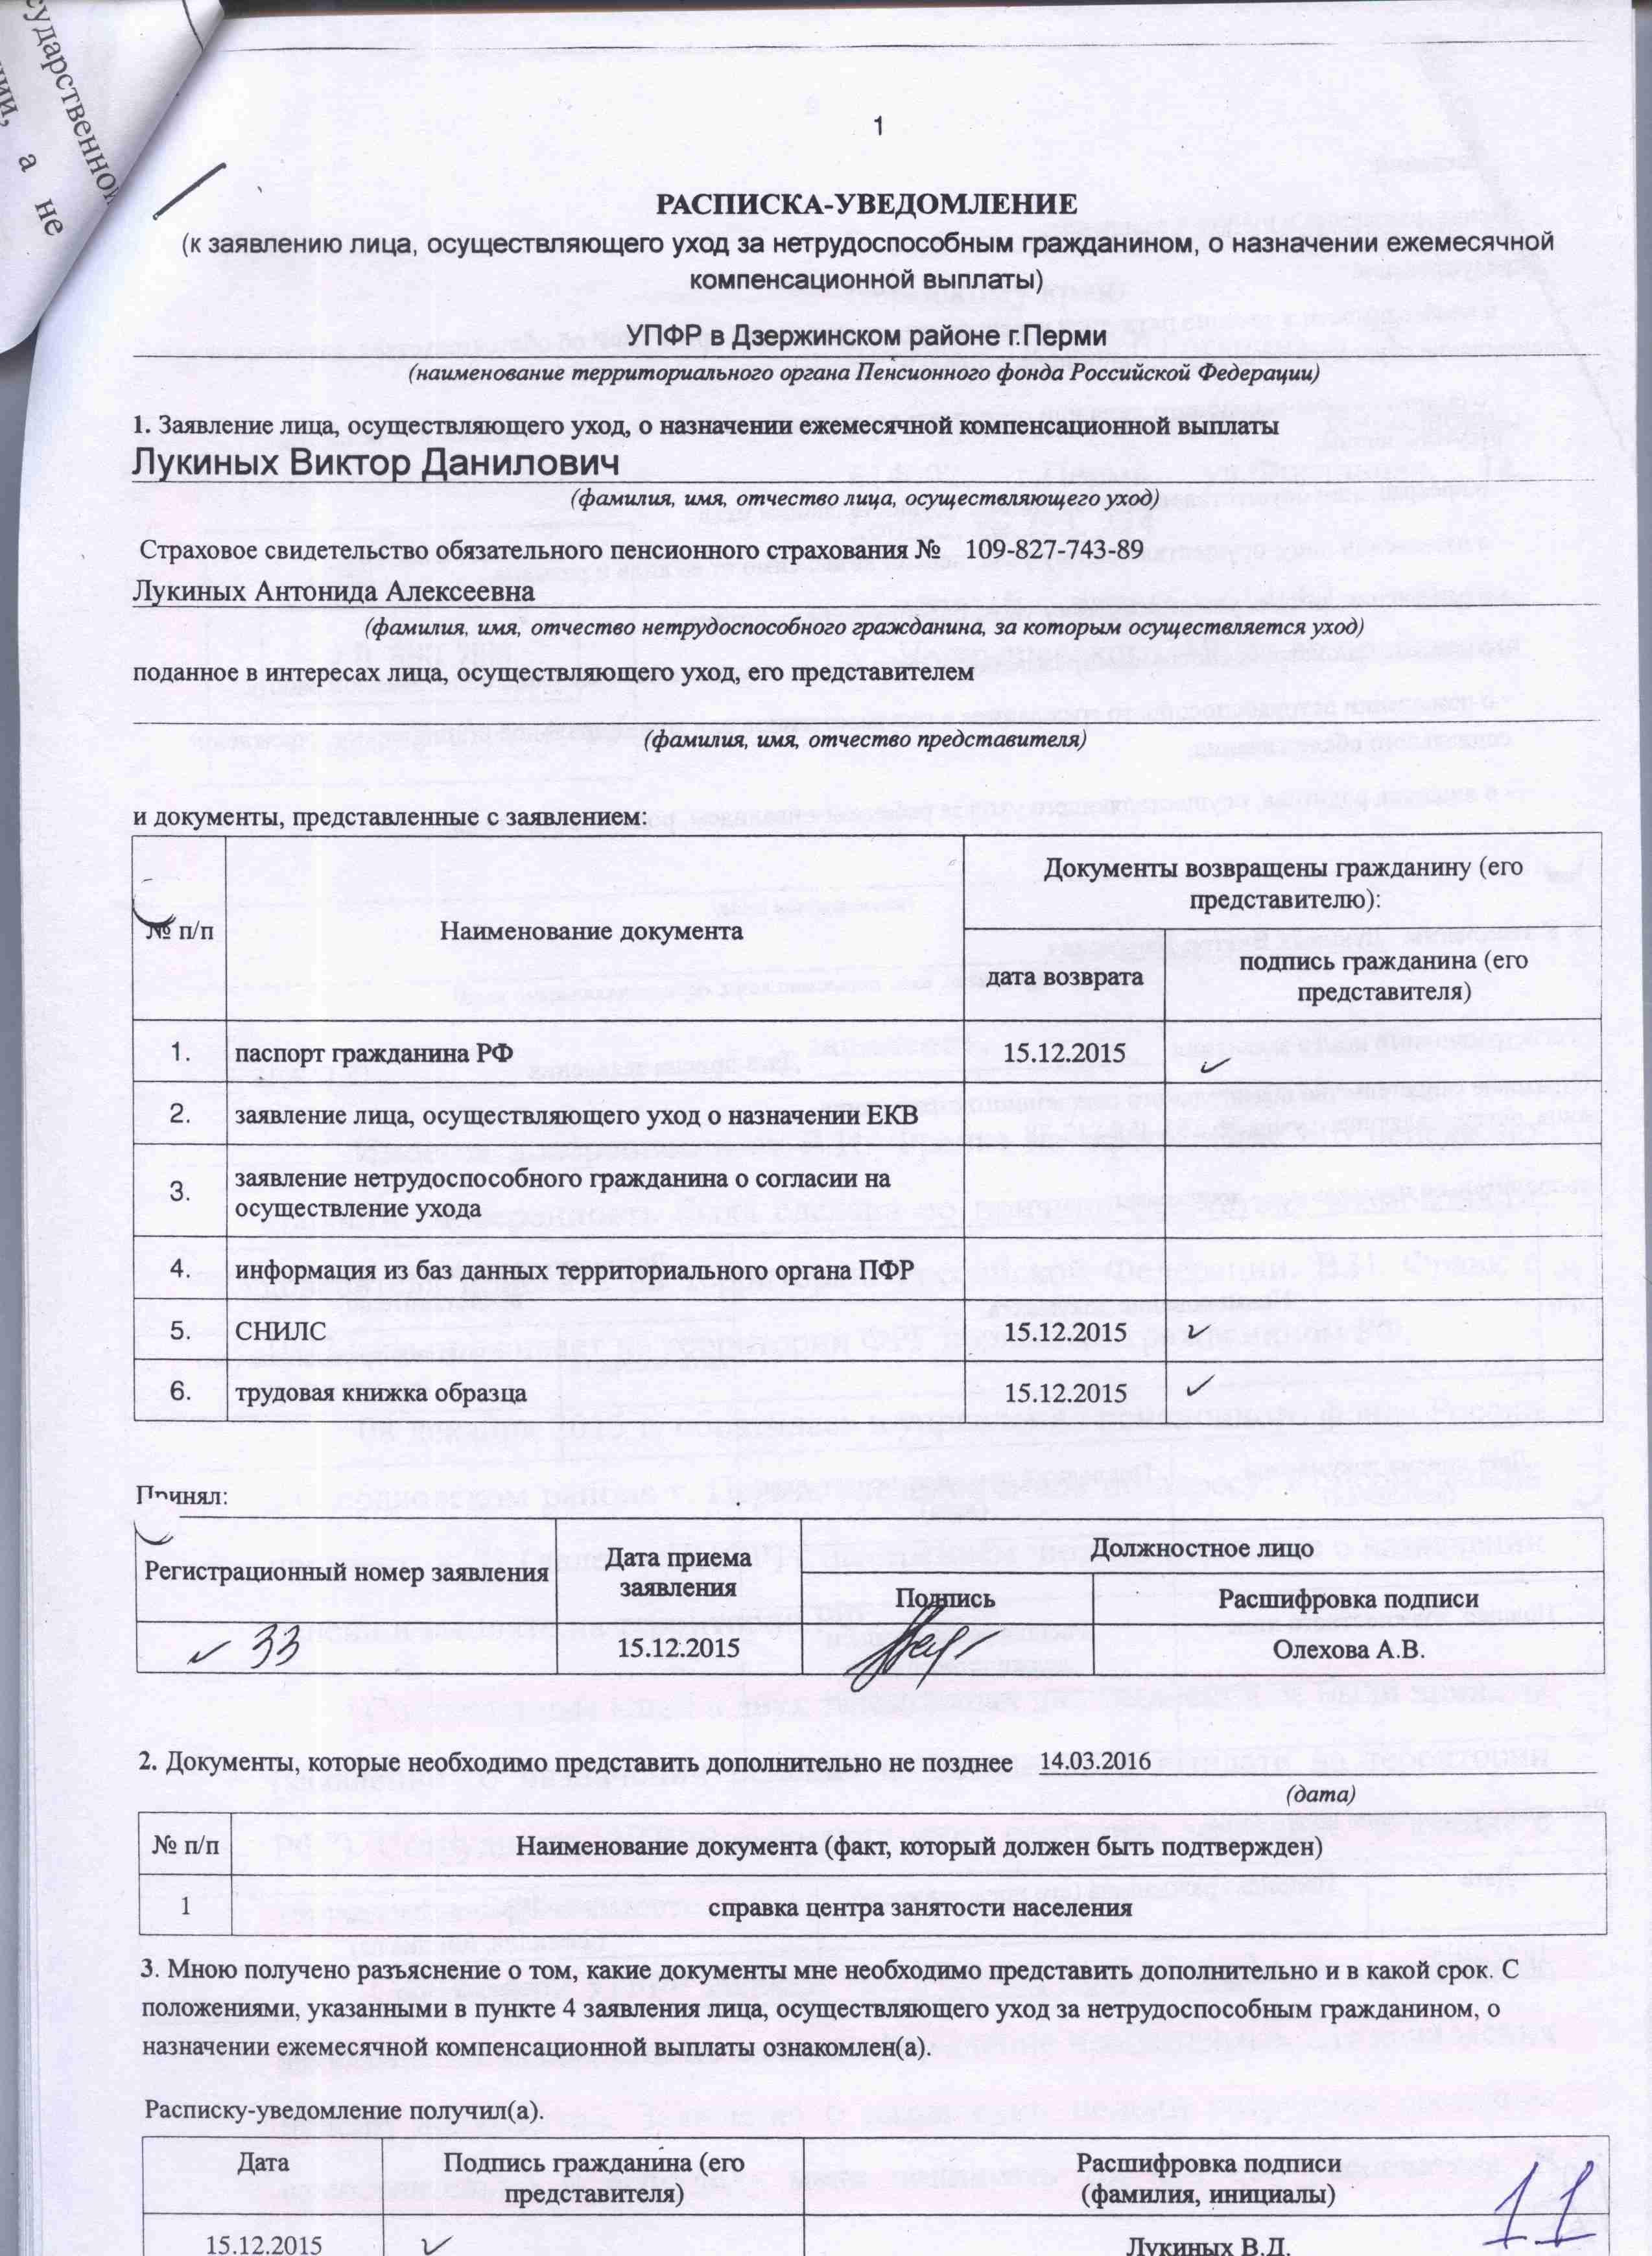 Документы необходимые для оформления по уходу за пенсионером 80